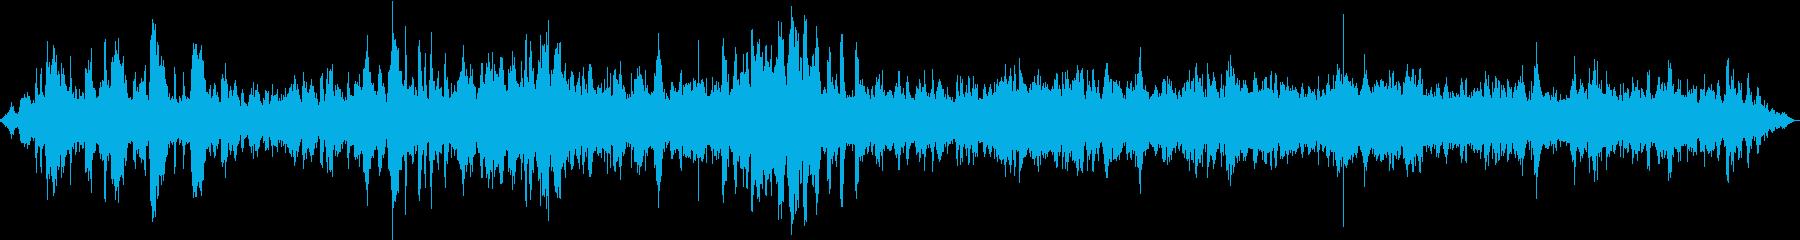 【生録音】休日の動物園の環境音の再生済みの波形